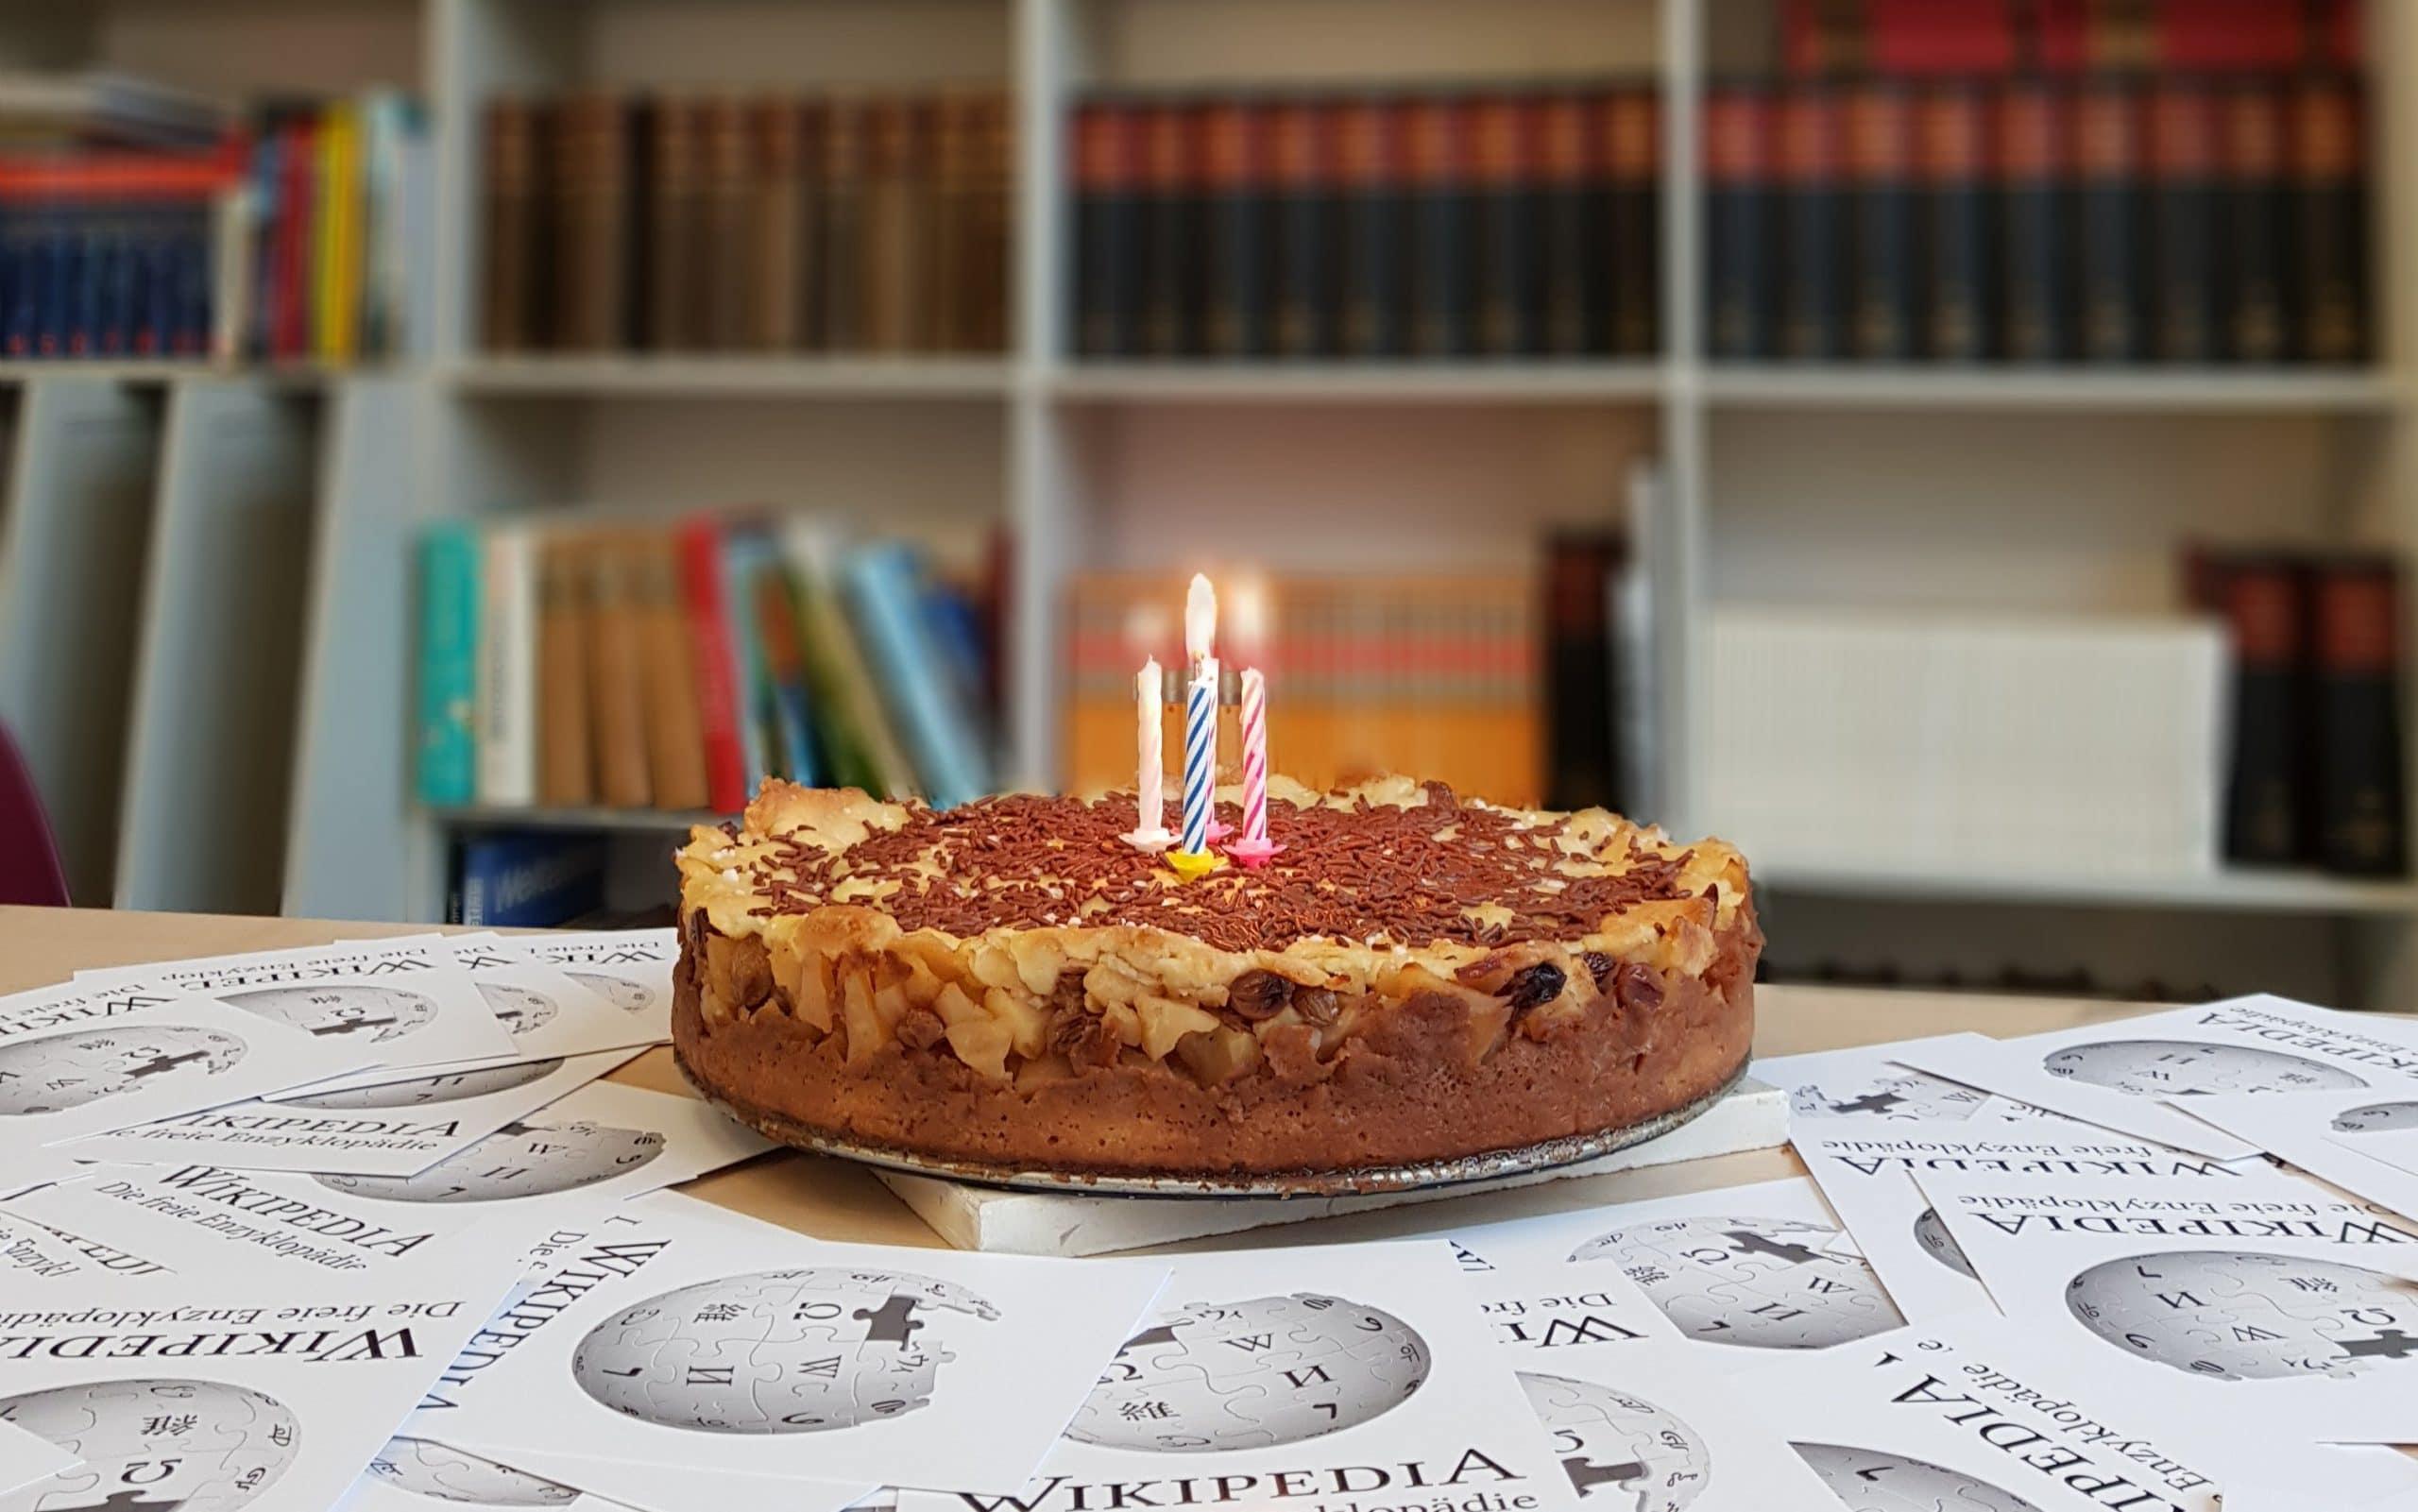 17 erstaunliche Fakten über Wikipedia zum 17. Geburtstag – Wikimedia ...